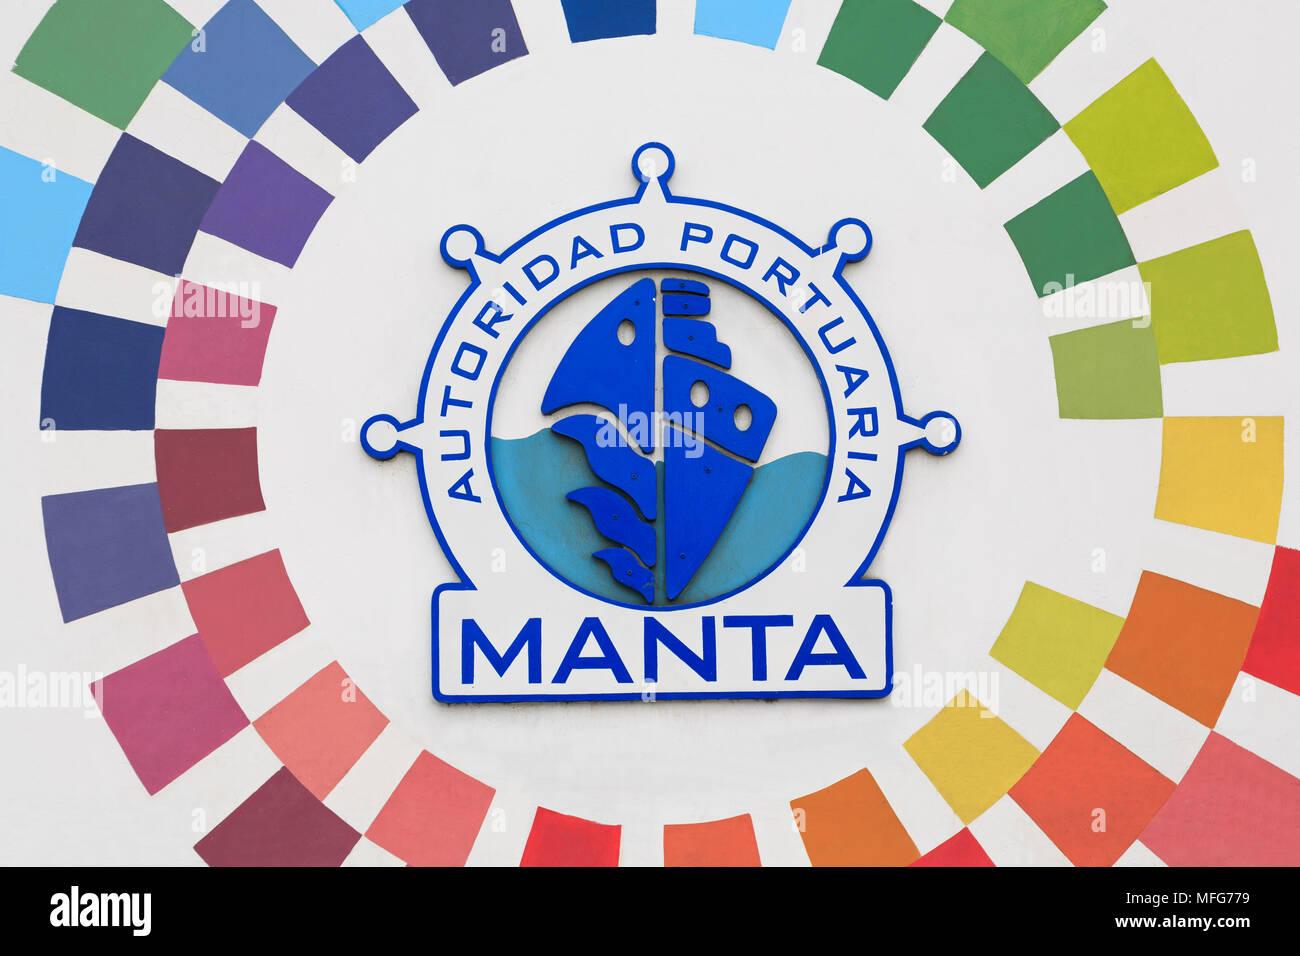 Port of Manta City, Manabi Province, Ecuador, South America